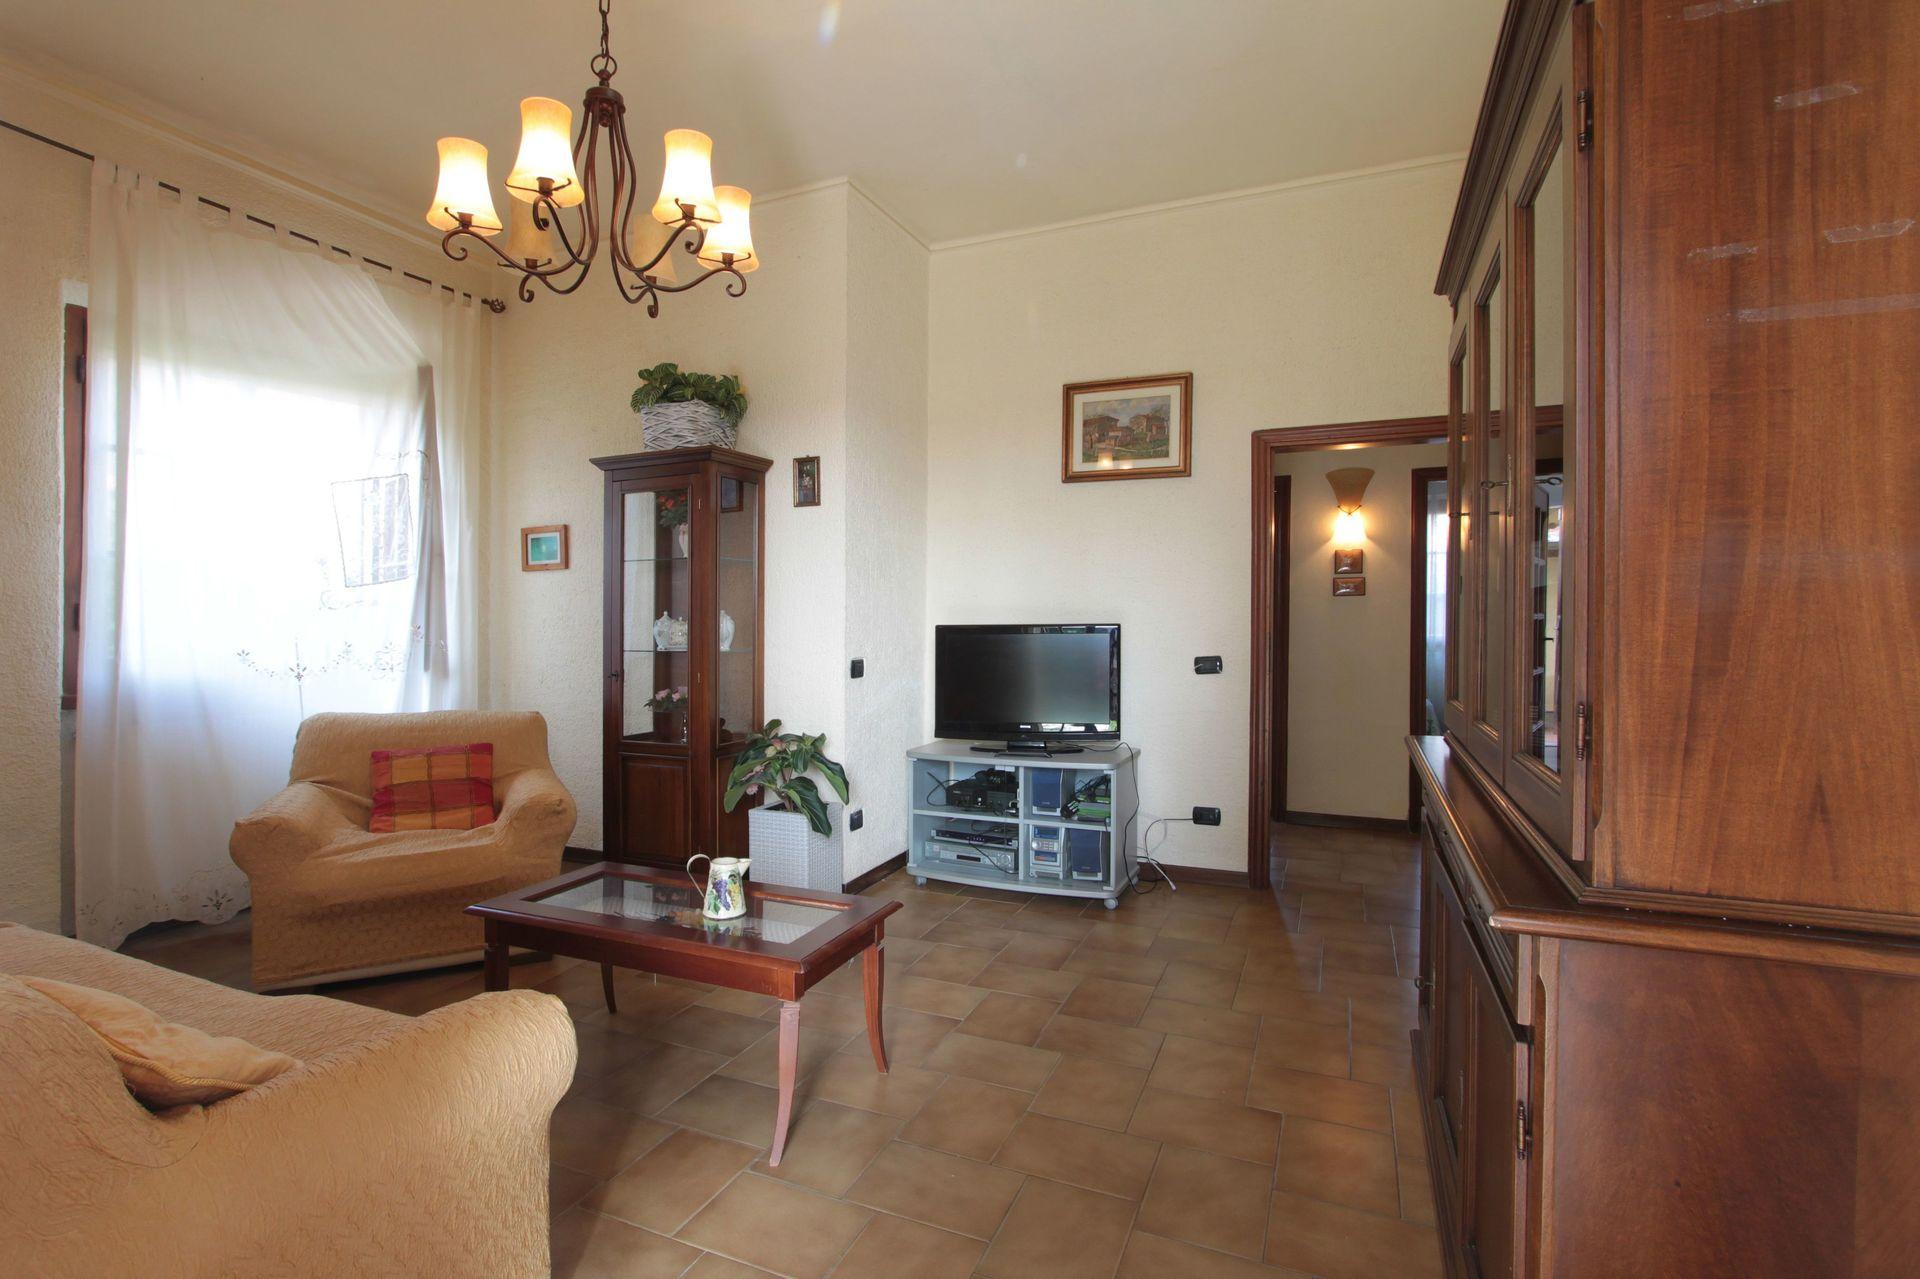 La Villa Di Patrizia - Casa vacanze con 4 Posti Letto in 2 Camere  Forte Dei Marmi  Toscana ...